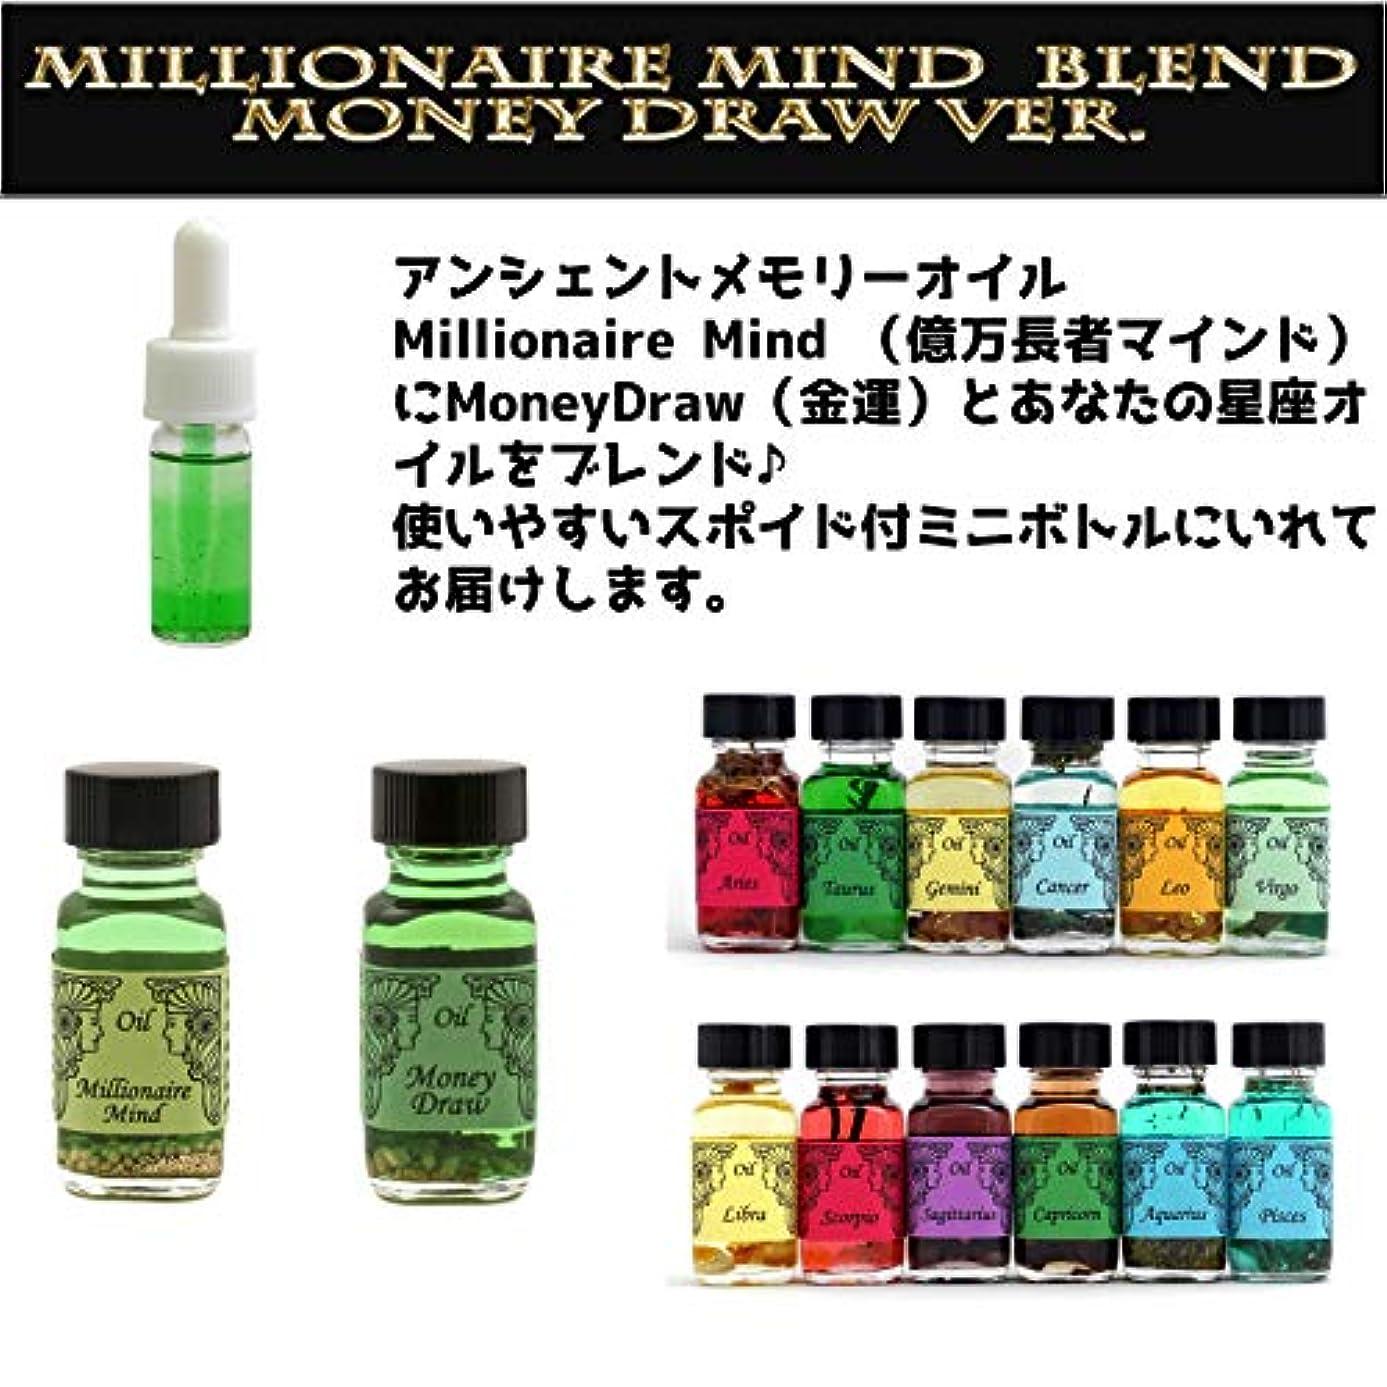 アンシェントメモリーオイル Millionaire Mind 億万長者マインド ブレンド(Money Drawマネードロー(金運)&かに座